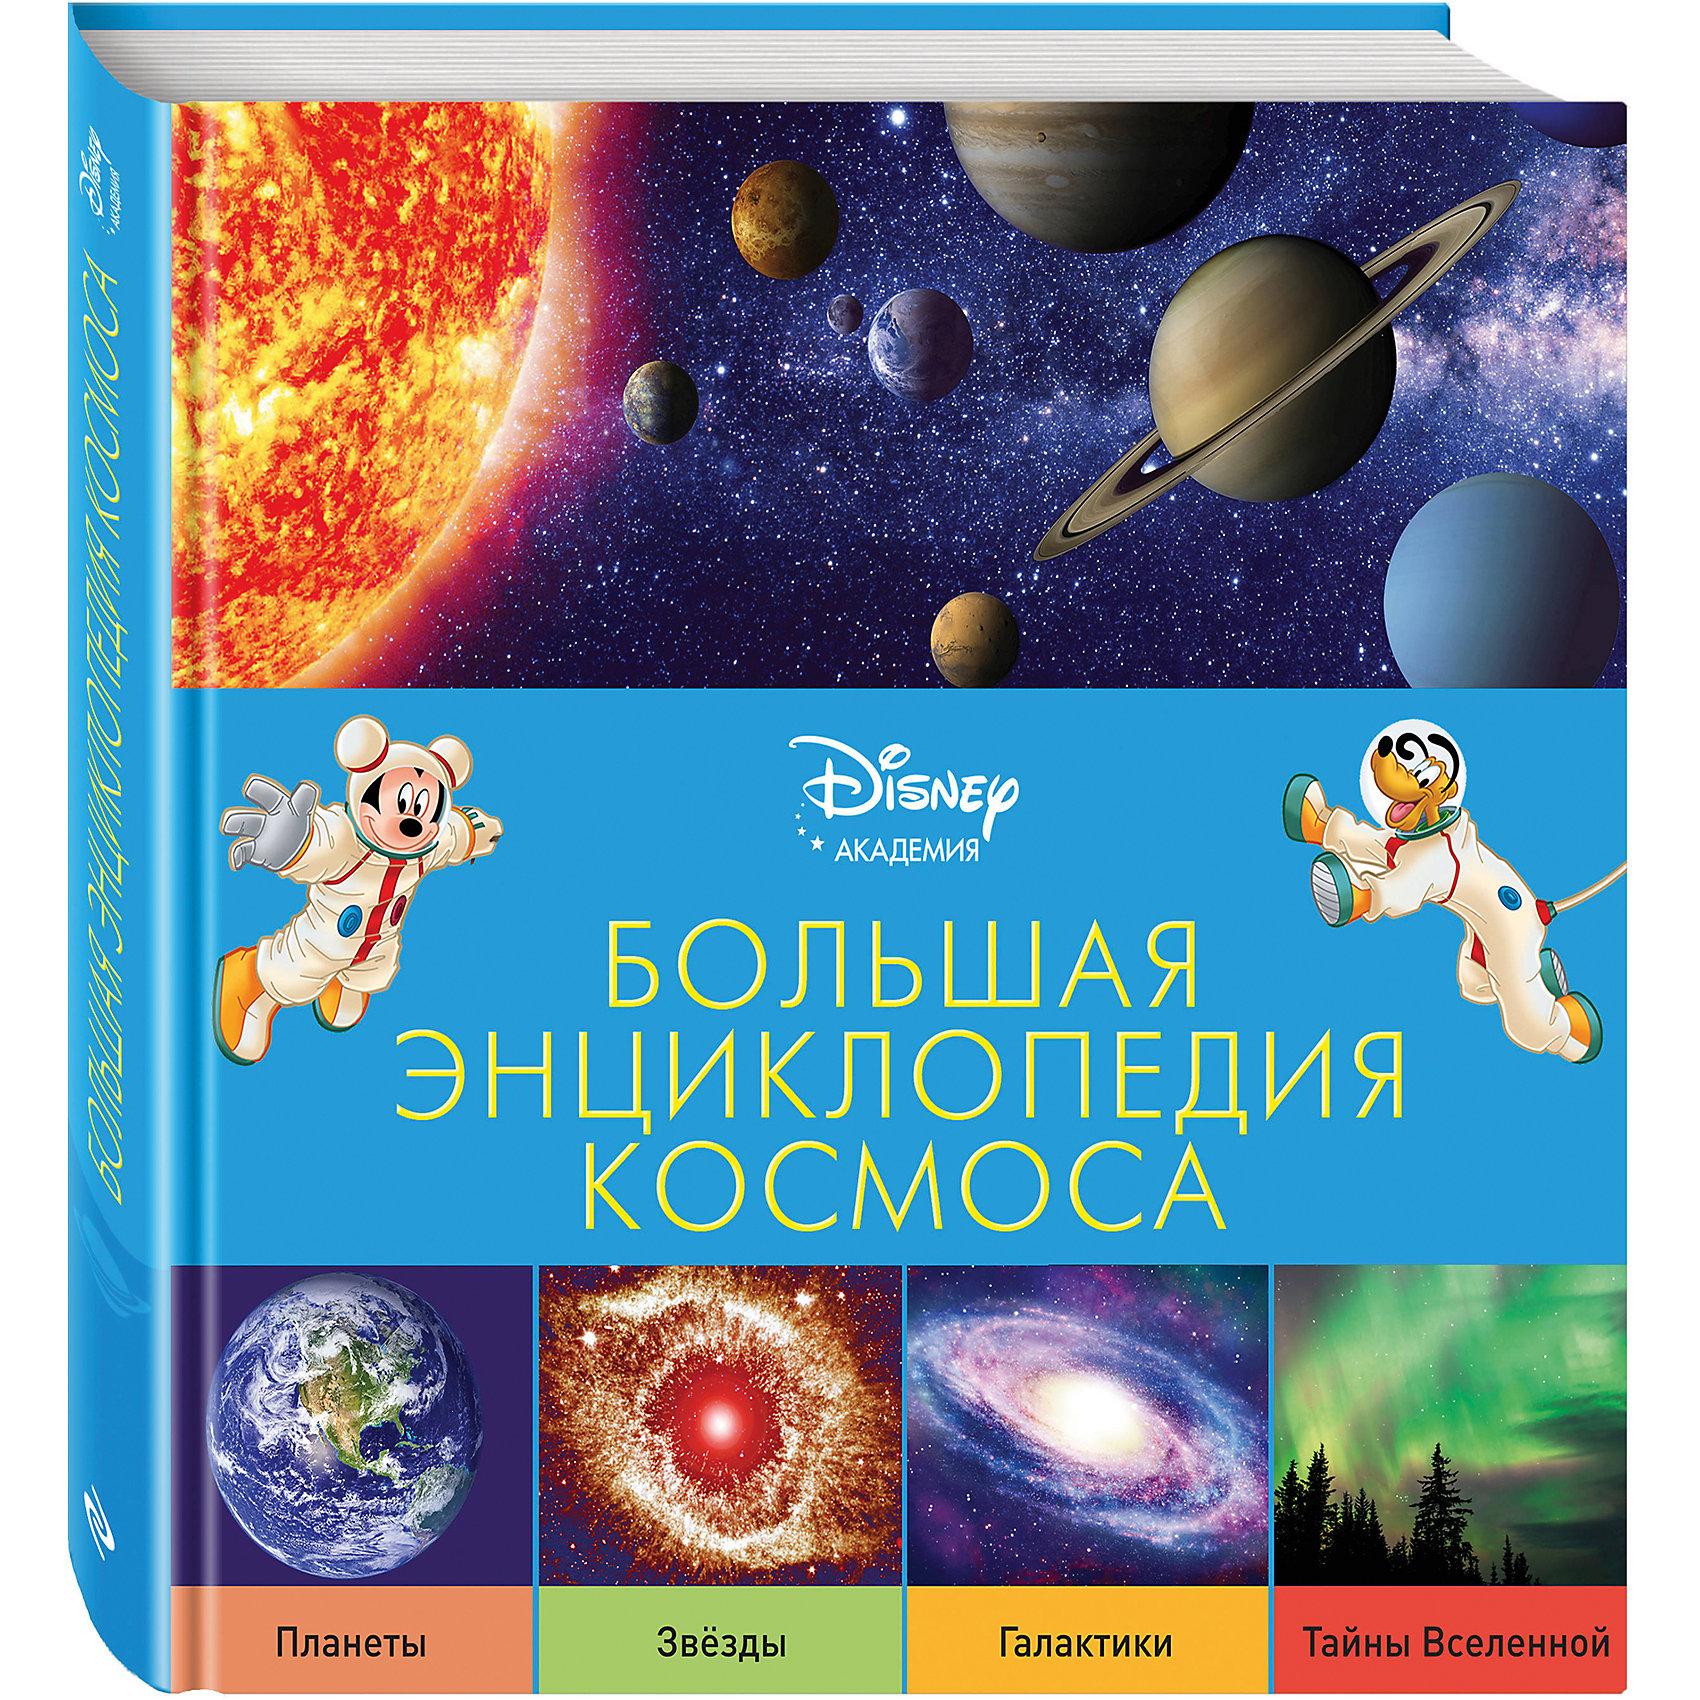 Большая энциклопедия космоса, DisneyЭнциклопедии про космос<br>Герои Disney приглашают маленьких читателей в удивительный мир космоса. В компании любимых персонажей ребёнок узнает о том, сколько колец у Сатурна, могут ли люди жить на Венере, из чего состоит Солнце, что происходит внутри чёрных дыр, чем красные гиганты отличаются от белых карликов, как возникла Вселенная, много ли в ней галактик, чем они отличаются друг от друга, почему дни сменяют ночи, откуда берутся метеоритные дожди… Малыша ждут не только любопытнейшие факты, изложенные доступным и увлекательным языком, но и восхитительные фотографии – большие, яркие и красочные. Благодаря этой книге он разовьёт познавательные способности, кругозор и структурное мышление, а также получит первый опыт работы с энциклопедической литературой.<br><br>Дополнительная информация:<br><br>- Формат: 21,5х21,5 см.<br>- Переплет: твердый<br>- Иллюстрации: цветные.<br>- Количество страниц: 144 стр.<br>- Редактор: Жилинская А.<br><br>Большую энциклопедию космоса, Disney, (Дисней) можно купить в нашем магазине.<br><br>Ширина мм: 220<br>Глубина мм: 215<br>Высота мм: 11<br>Вес г: 636<br>Возраст от месяцев: 84<br>Возраст до месяцев: 132<br>Пол: Унисекс<br>Возраст: Детский<br>SKU: 4047780